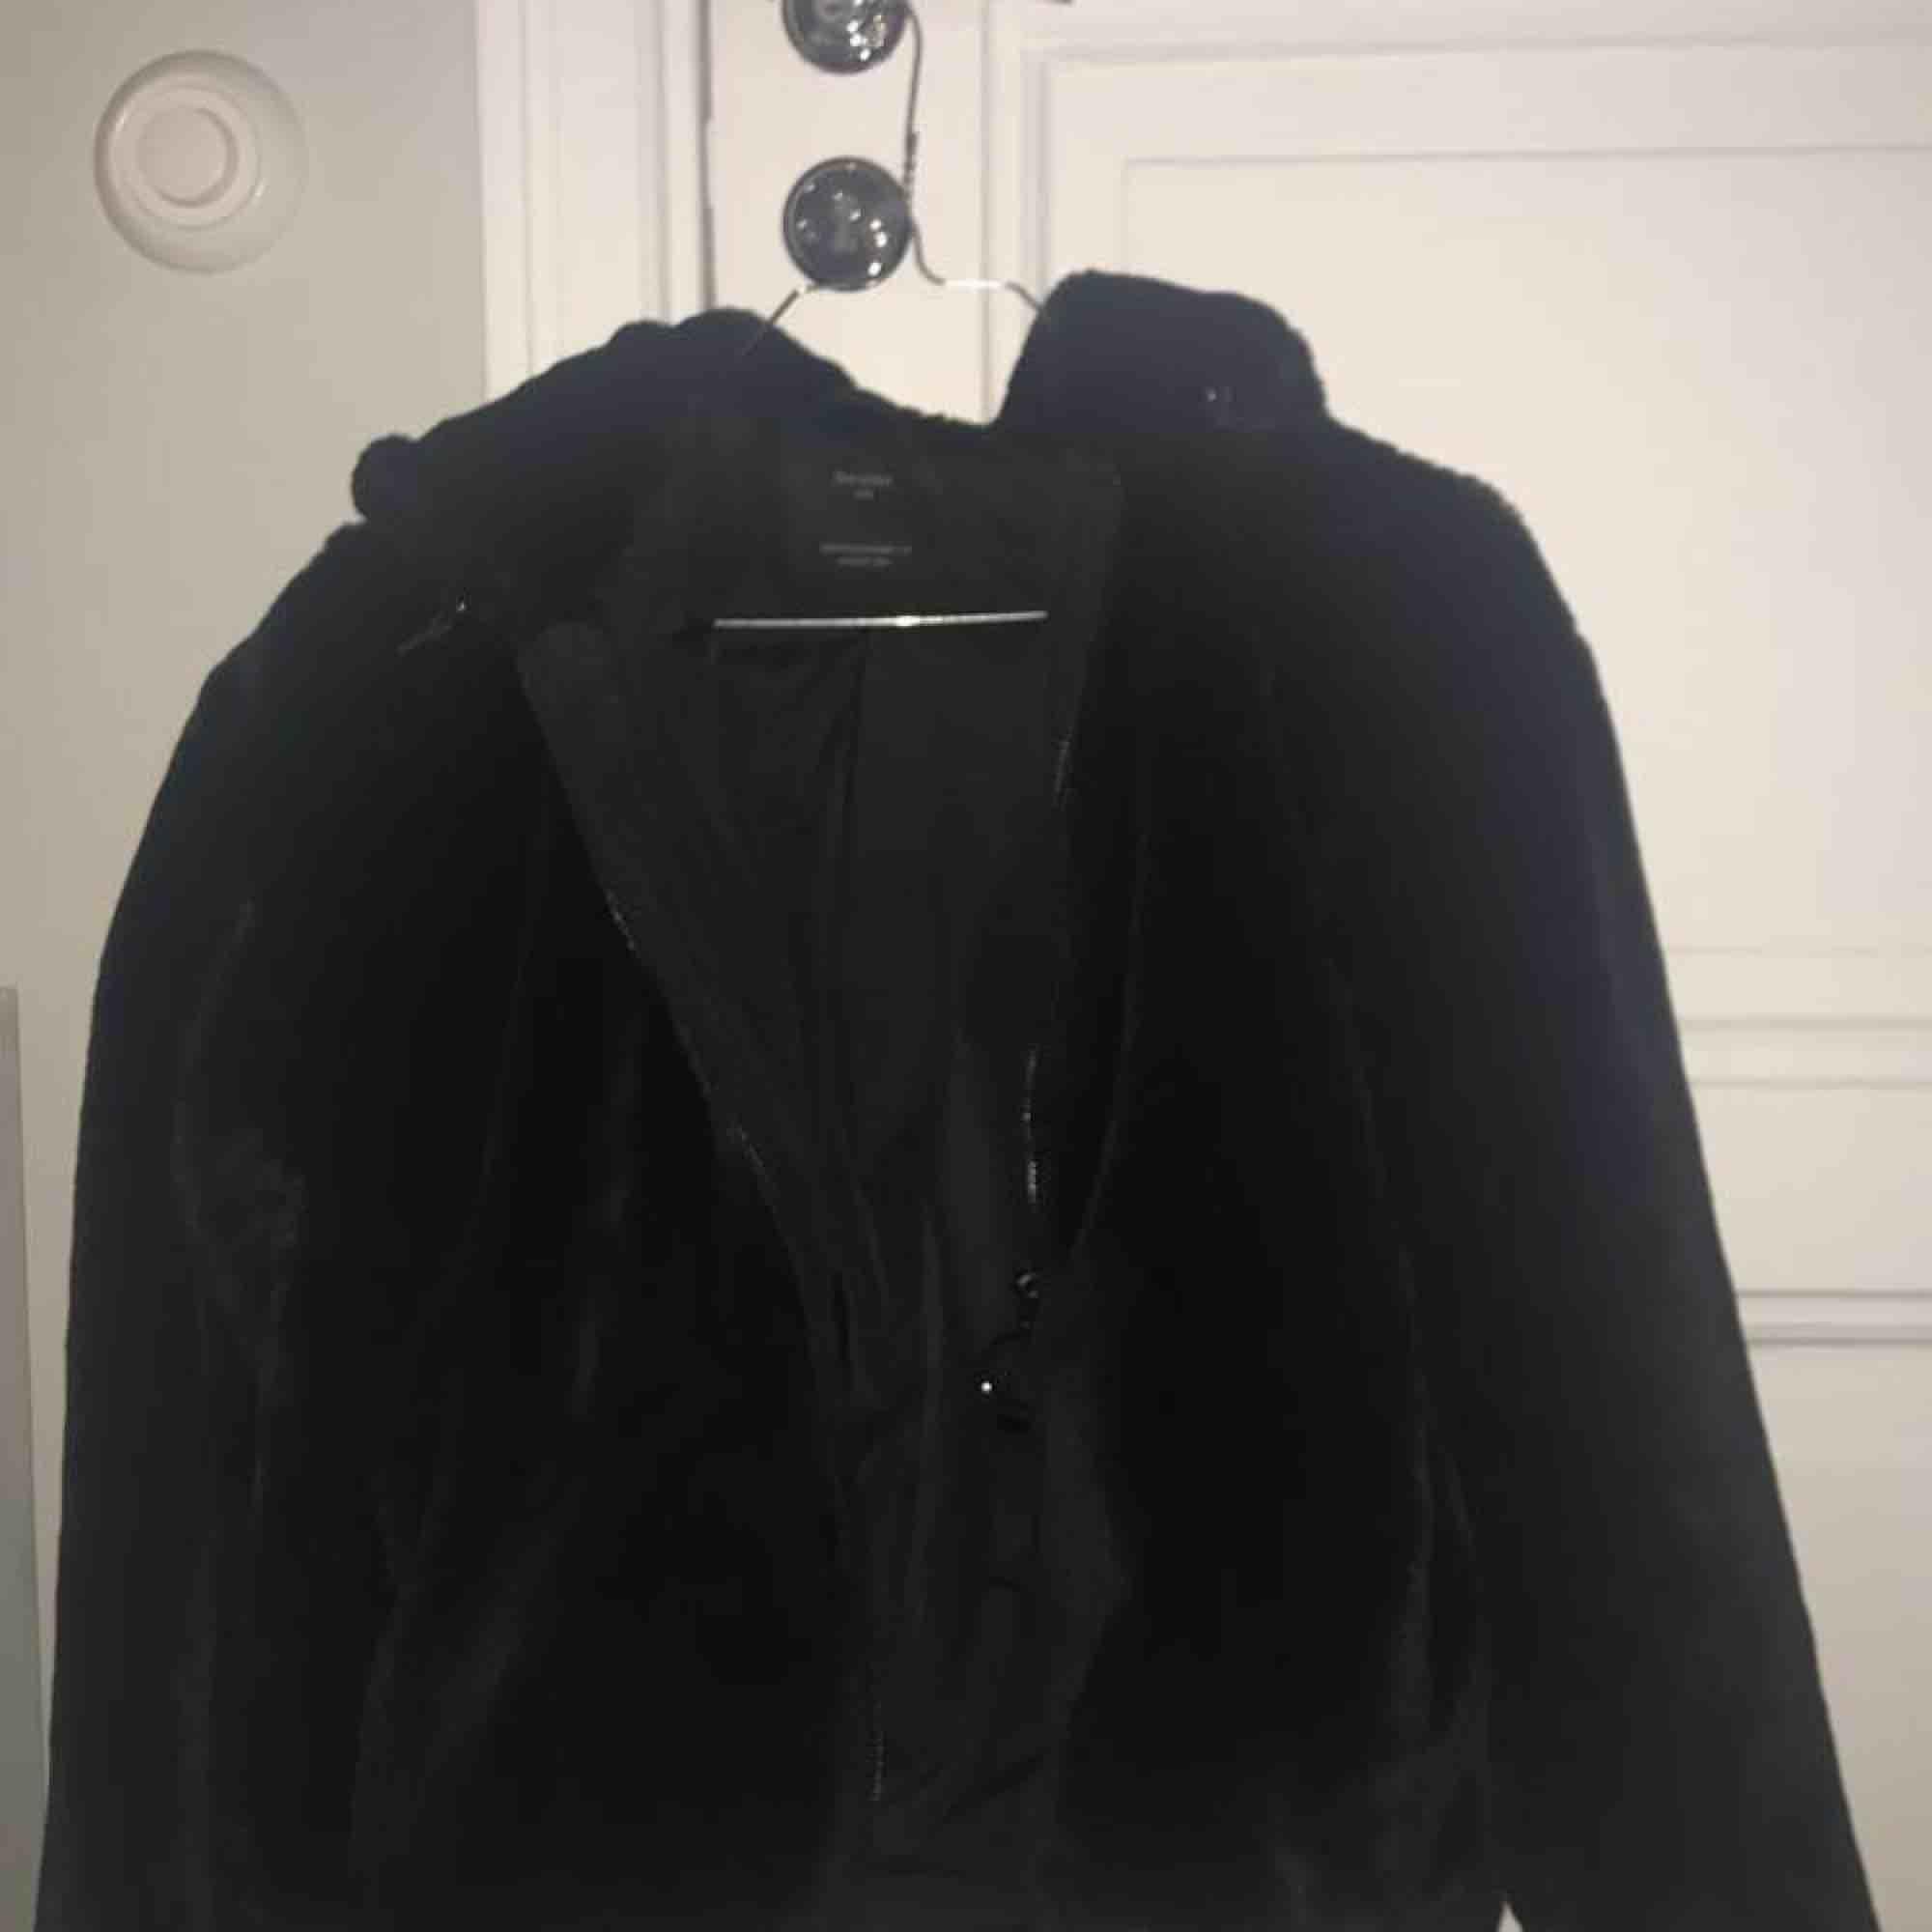 Säljer en supermysig och varm pälsjacka från  bershka i storlek XS. Jackan är använd endast ett fåtal gånger och är som i nyskick!. Jackor.